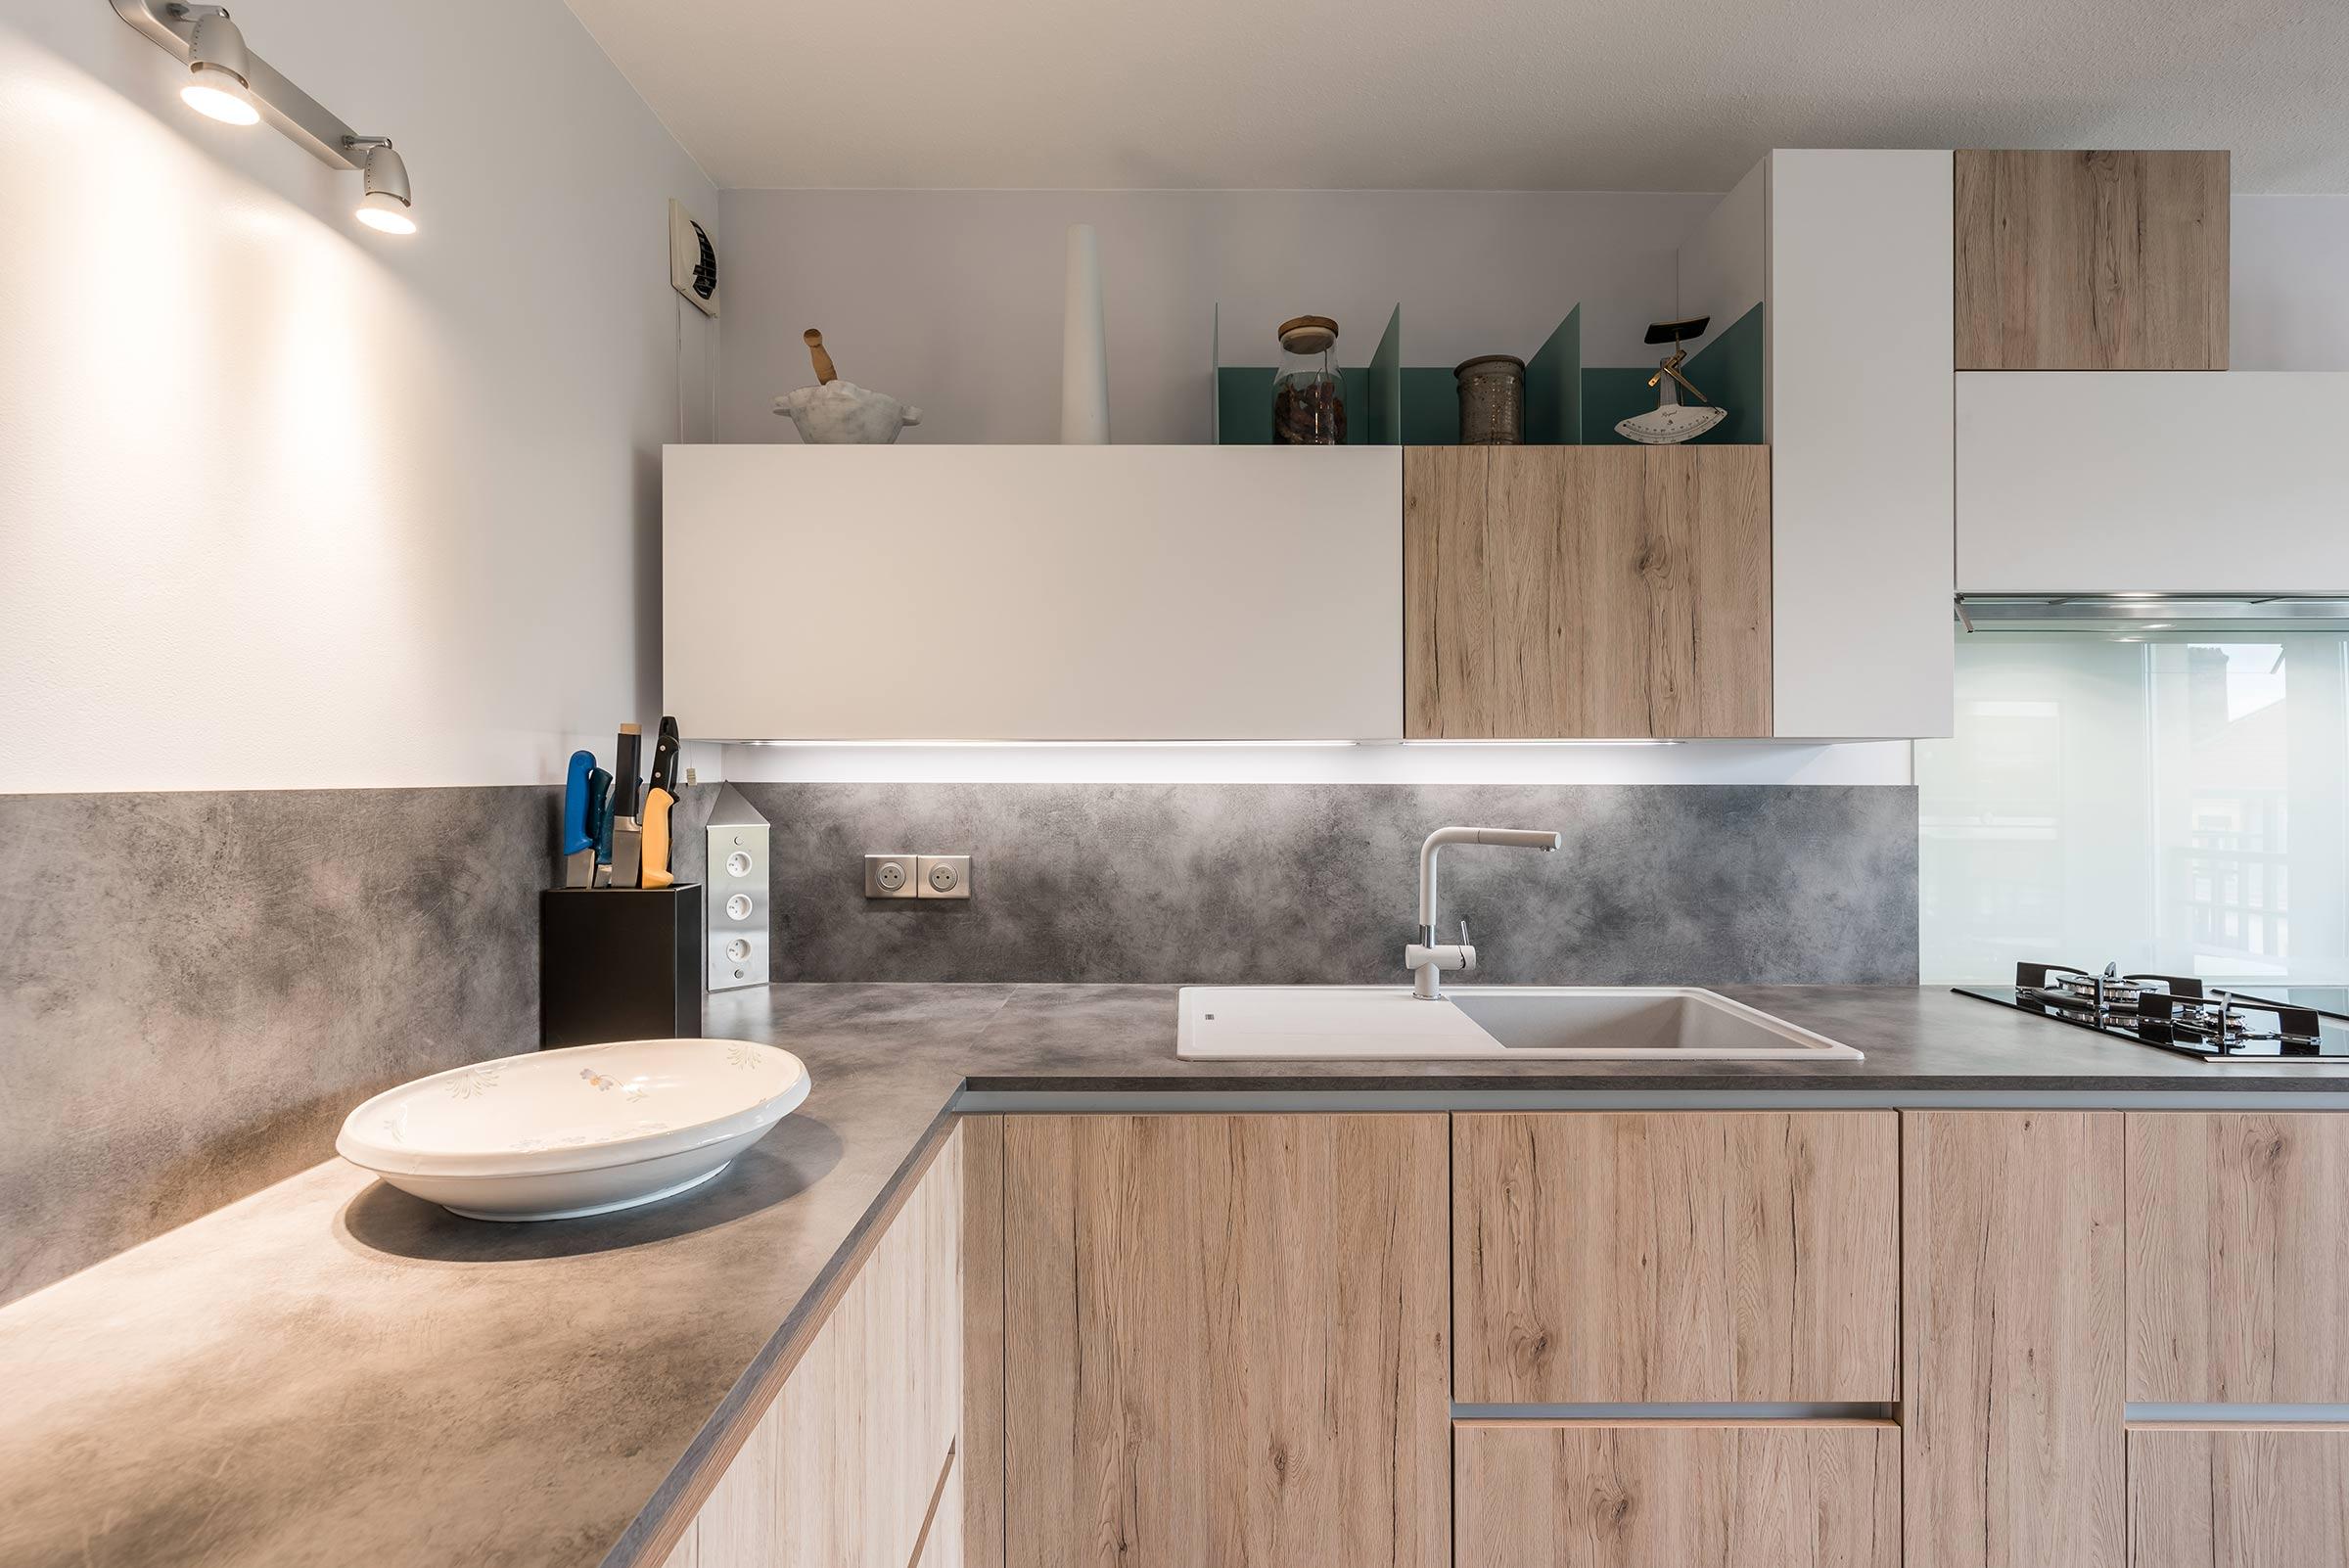 rénovation d'une cuisine scandinave à lyon 3